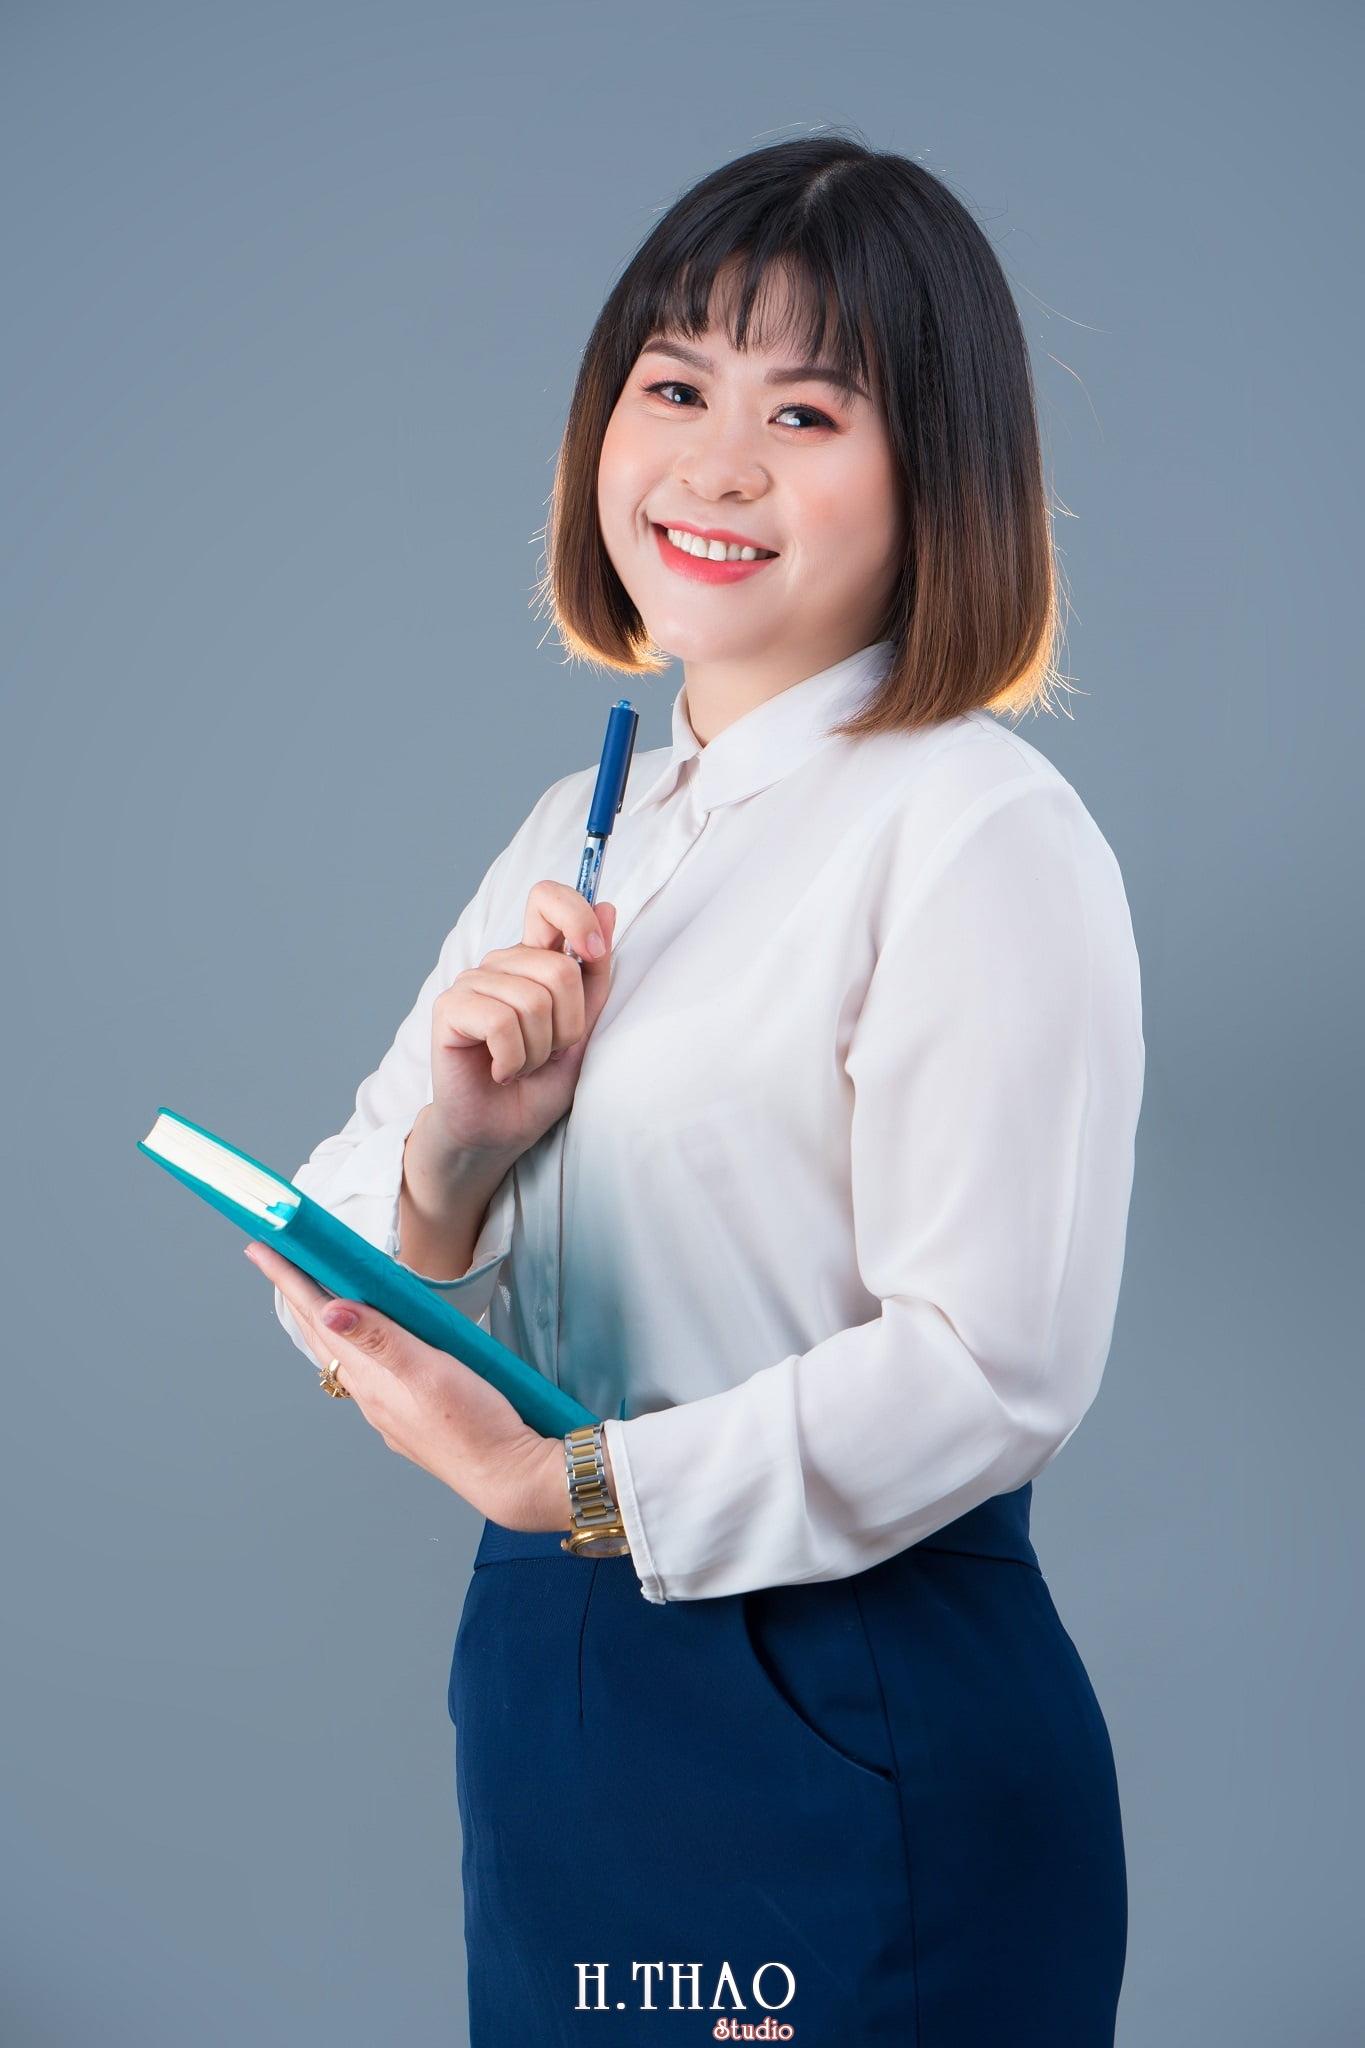 Chi Hoa 9 - Studio chụp ảnh profile cá nhân chuyên nghiệp ở Tp.HCM- HThao Studio